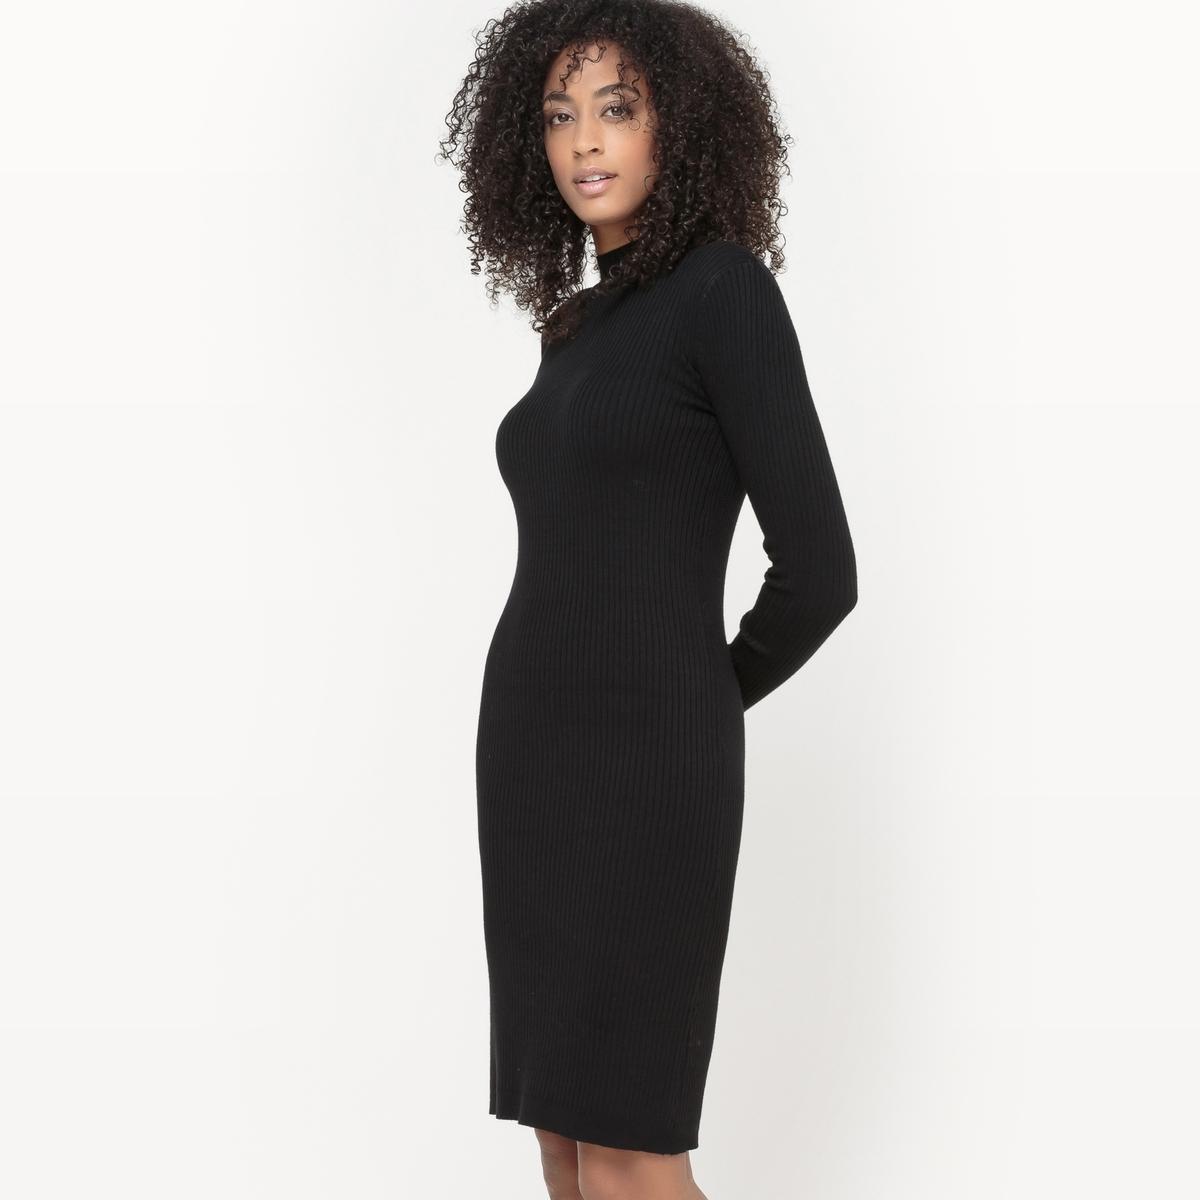 Платье-пуловер с воротником-стойкаПлатье-пуловер из ребристого трикотажа . Длинные рукава. Высокий воротник. Прилегающий к телу покрой.Состав и описаниеМатериал : 80% вискозы, 20% полиамидаДлина : 95 смМарка :      R ?ditionУход: Машинная стирка при 30°C на деликатном режиме Стирать с вещами подобного цвета<br><br>Цвет: бордовый<br>Размер: 34/36 (FR) - 40/42 (RUS).46/48 (FR) - 52/54 (RUS).38/40 (FR) - 44/46 (RUS)